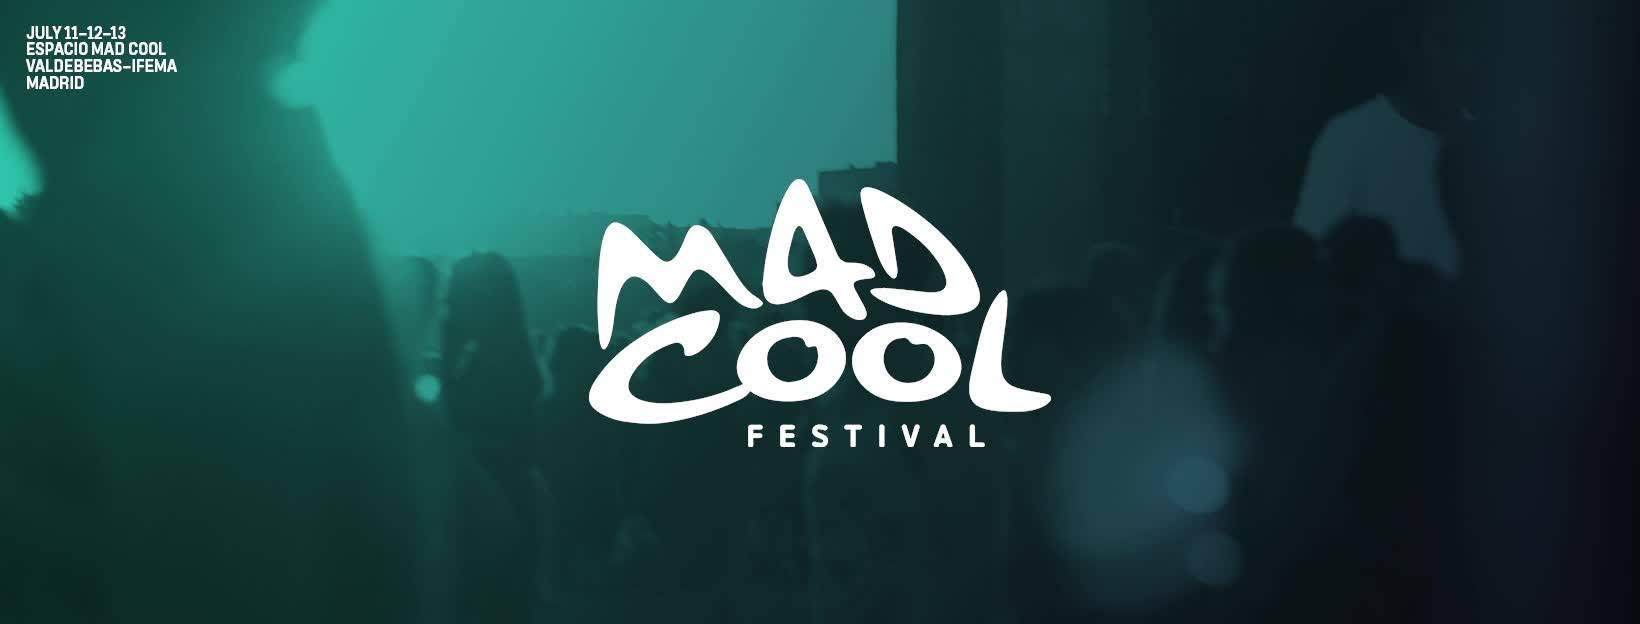 Music Festivals in Madrid